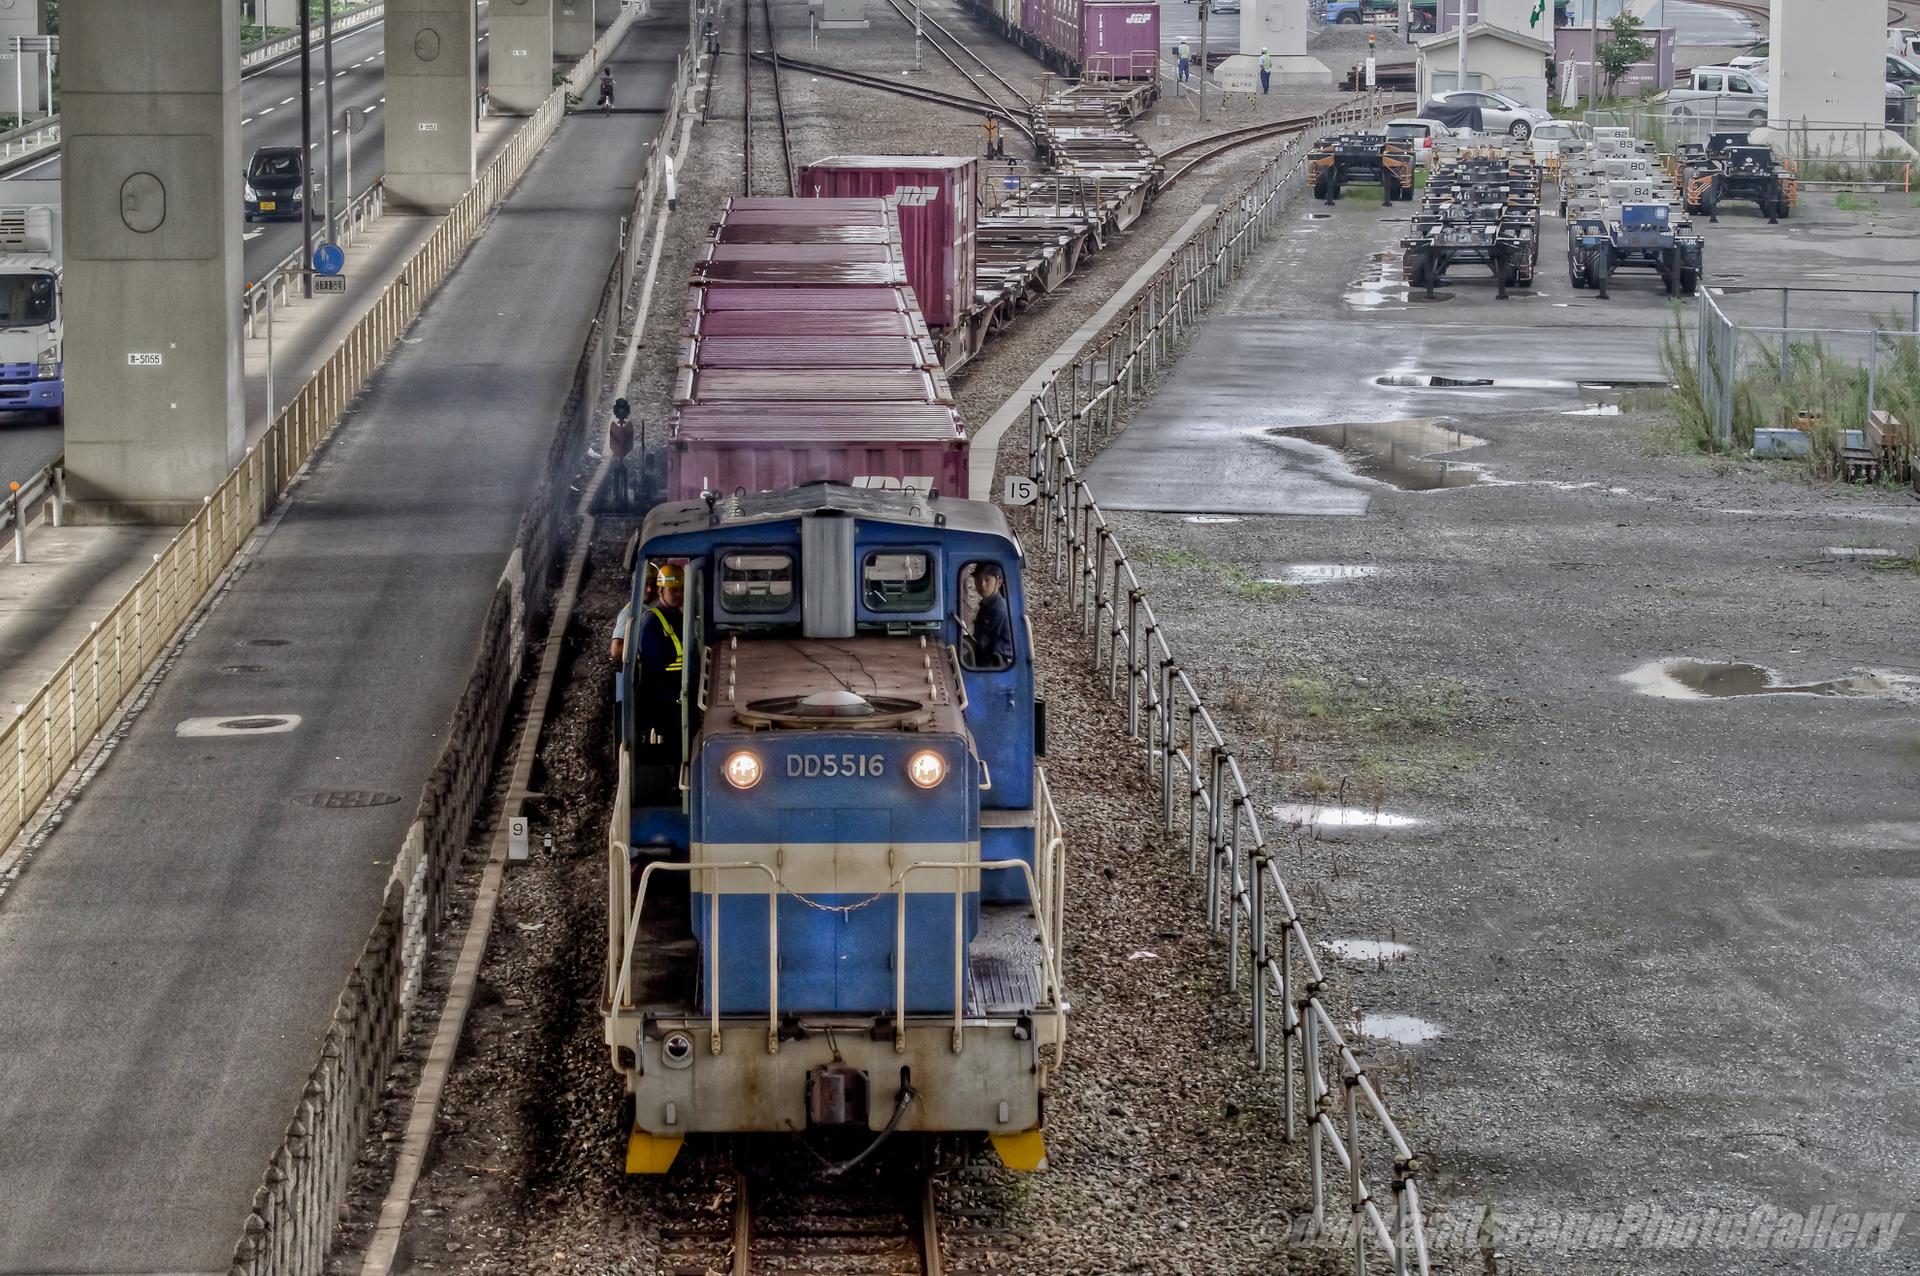 横浜本牧駅を出発する貨物列車【HDRi】